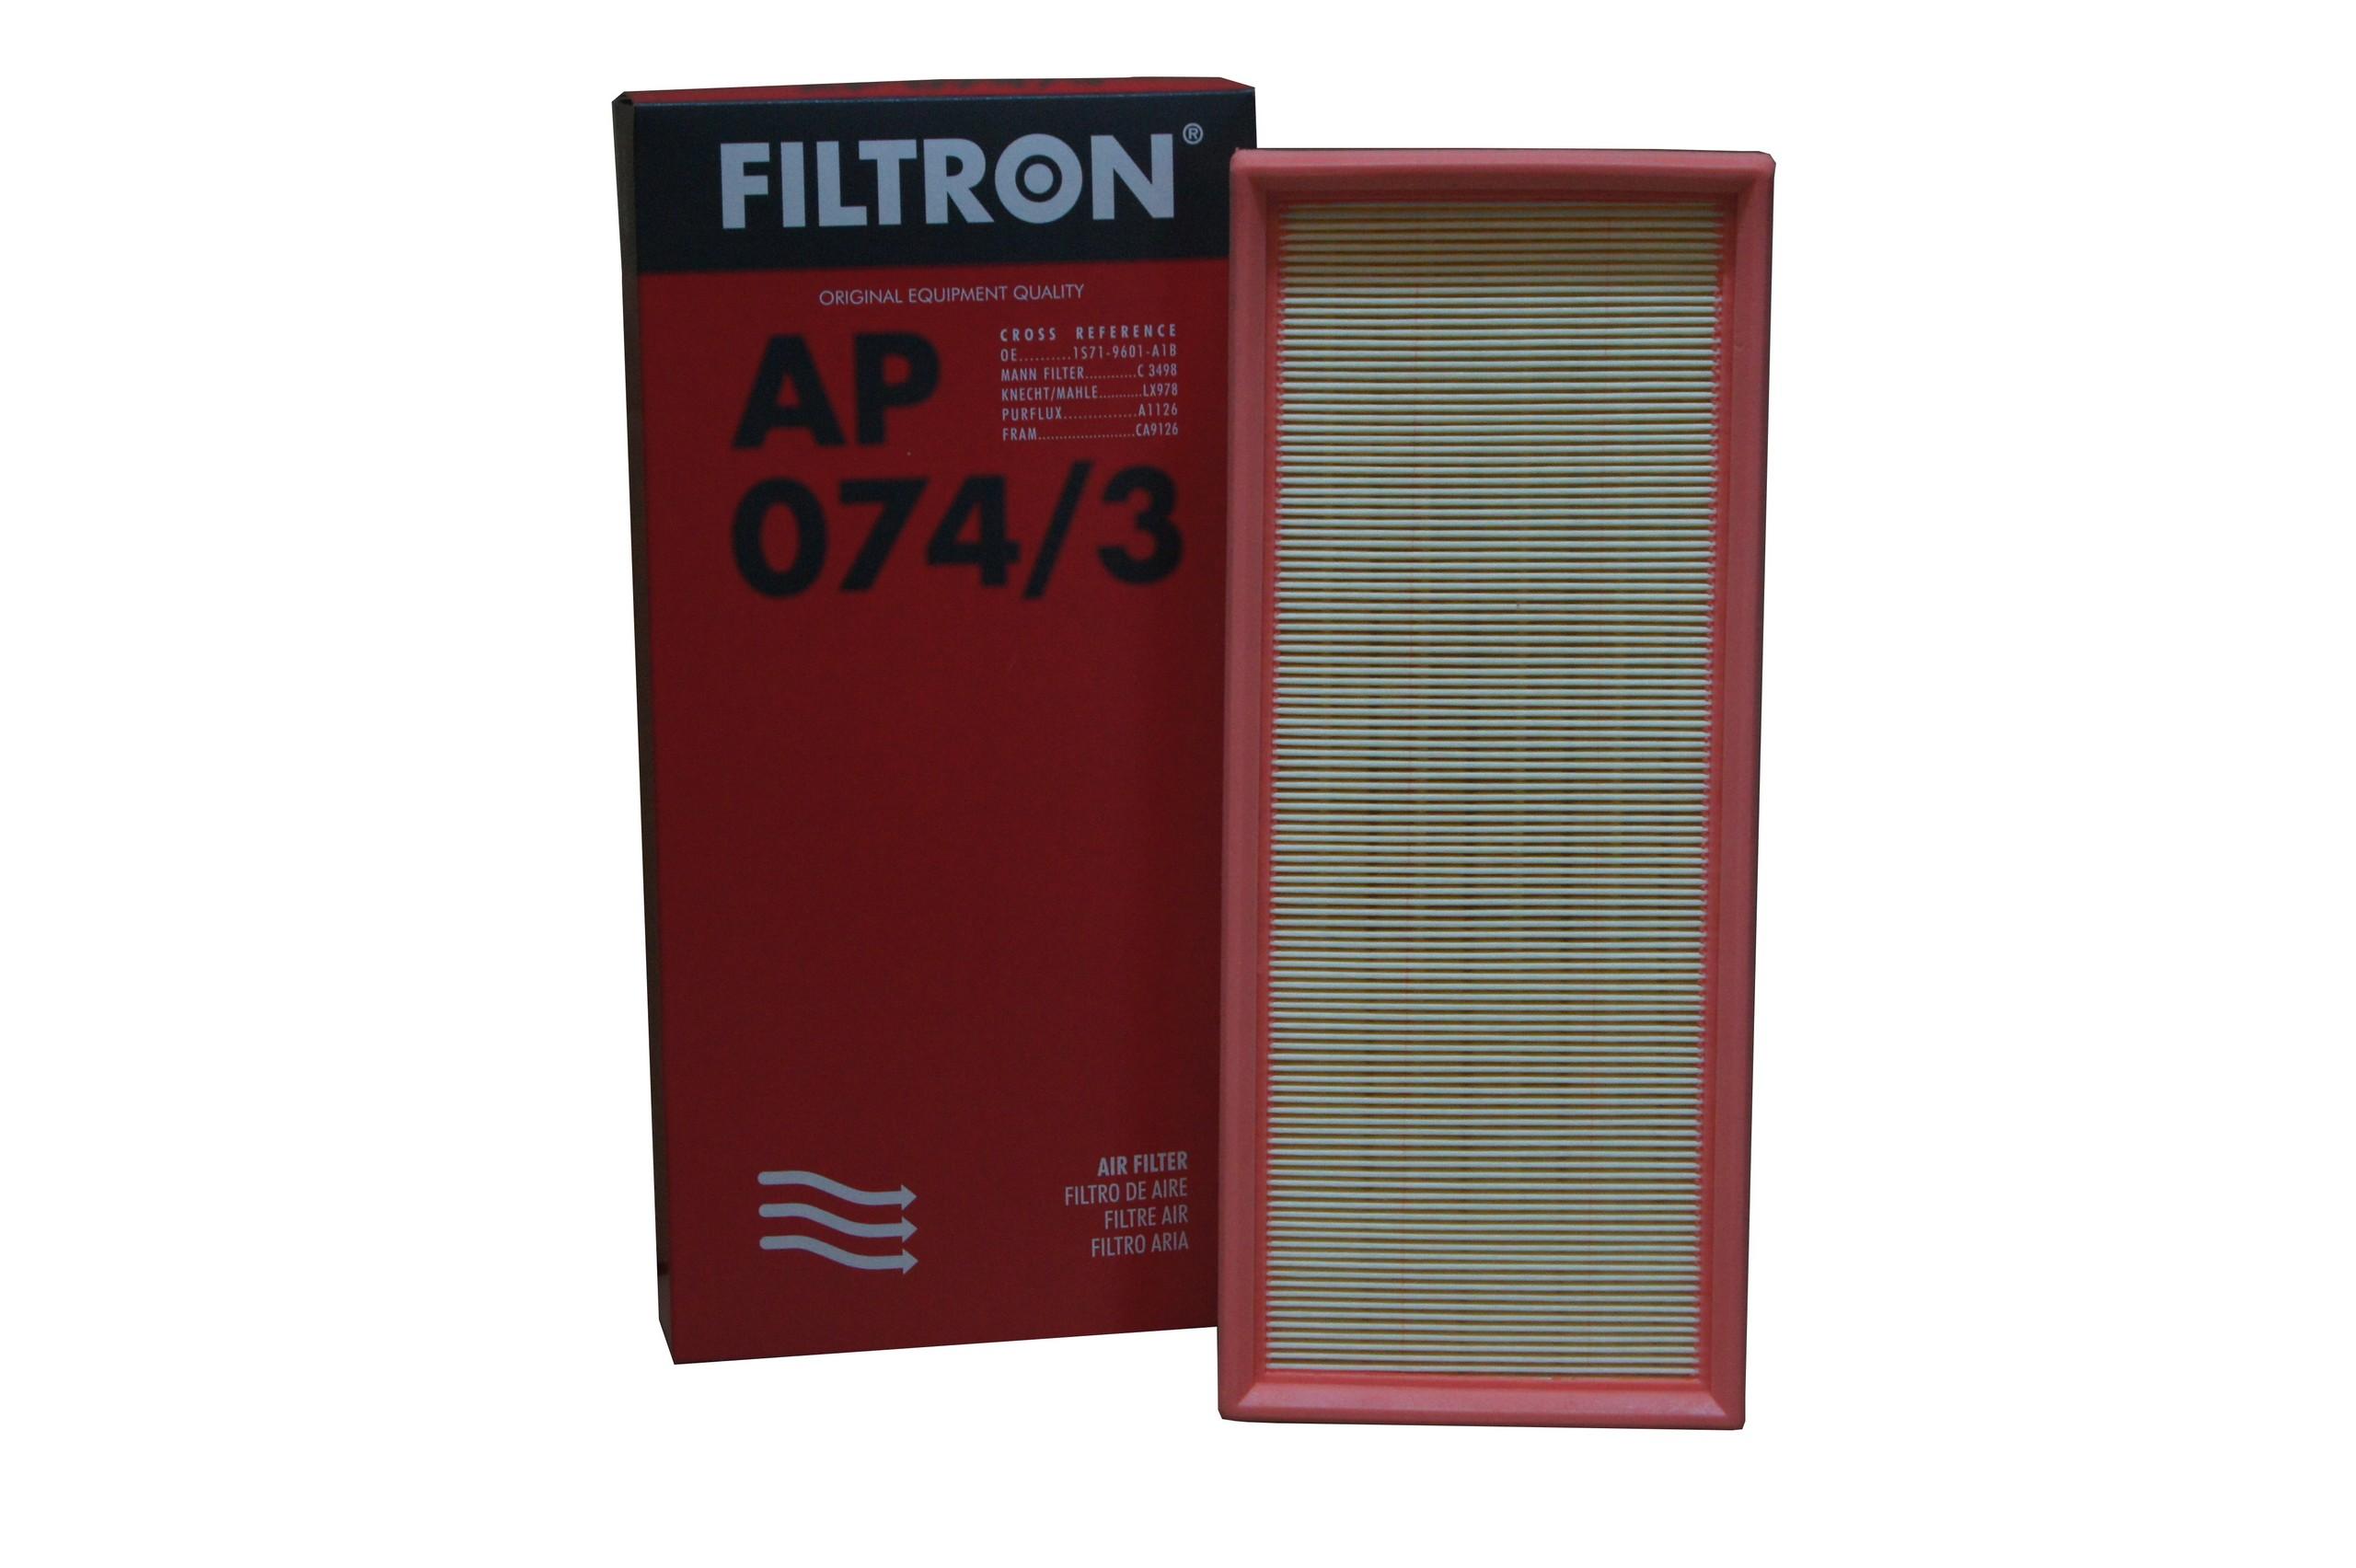 ORIGINALE FILTRON FILTRO ARIA FORD